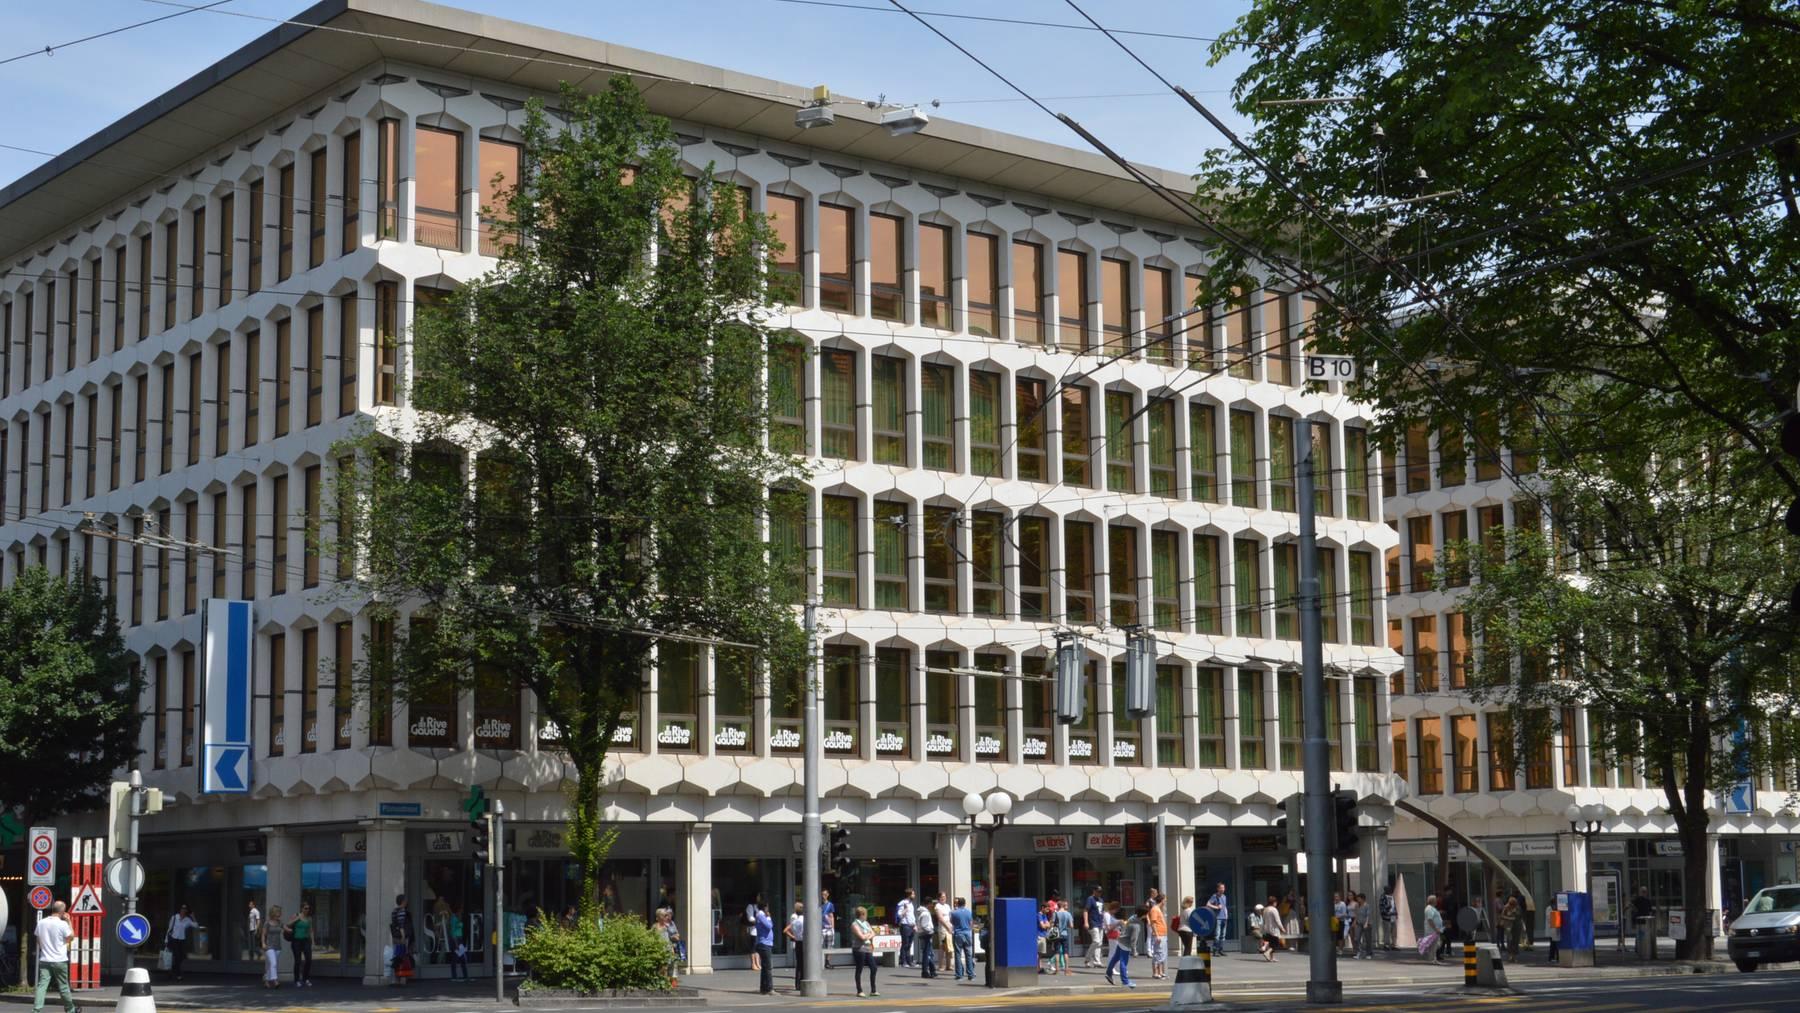 Luzerner Kantonalbank mit 180 Millionen Franken Gewinn